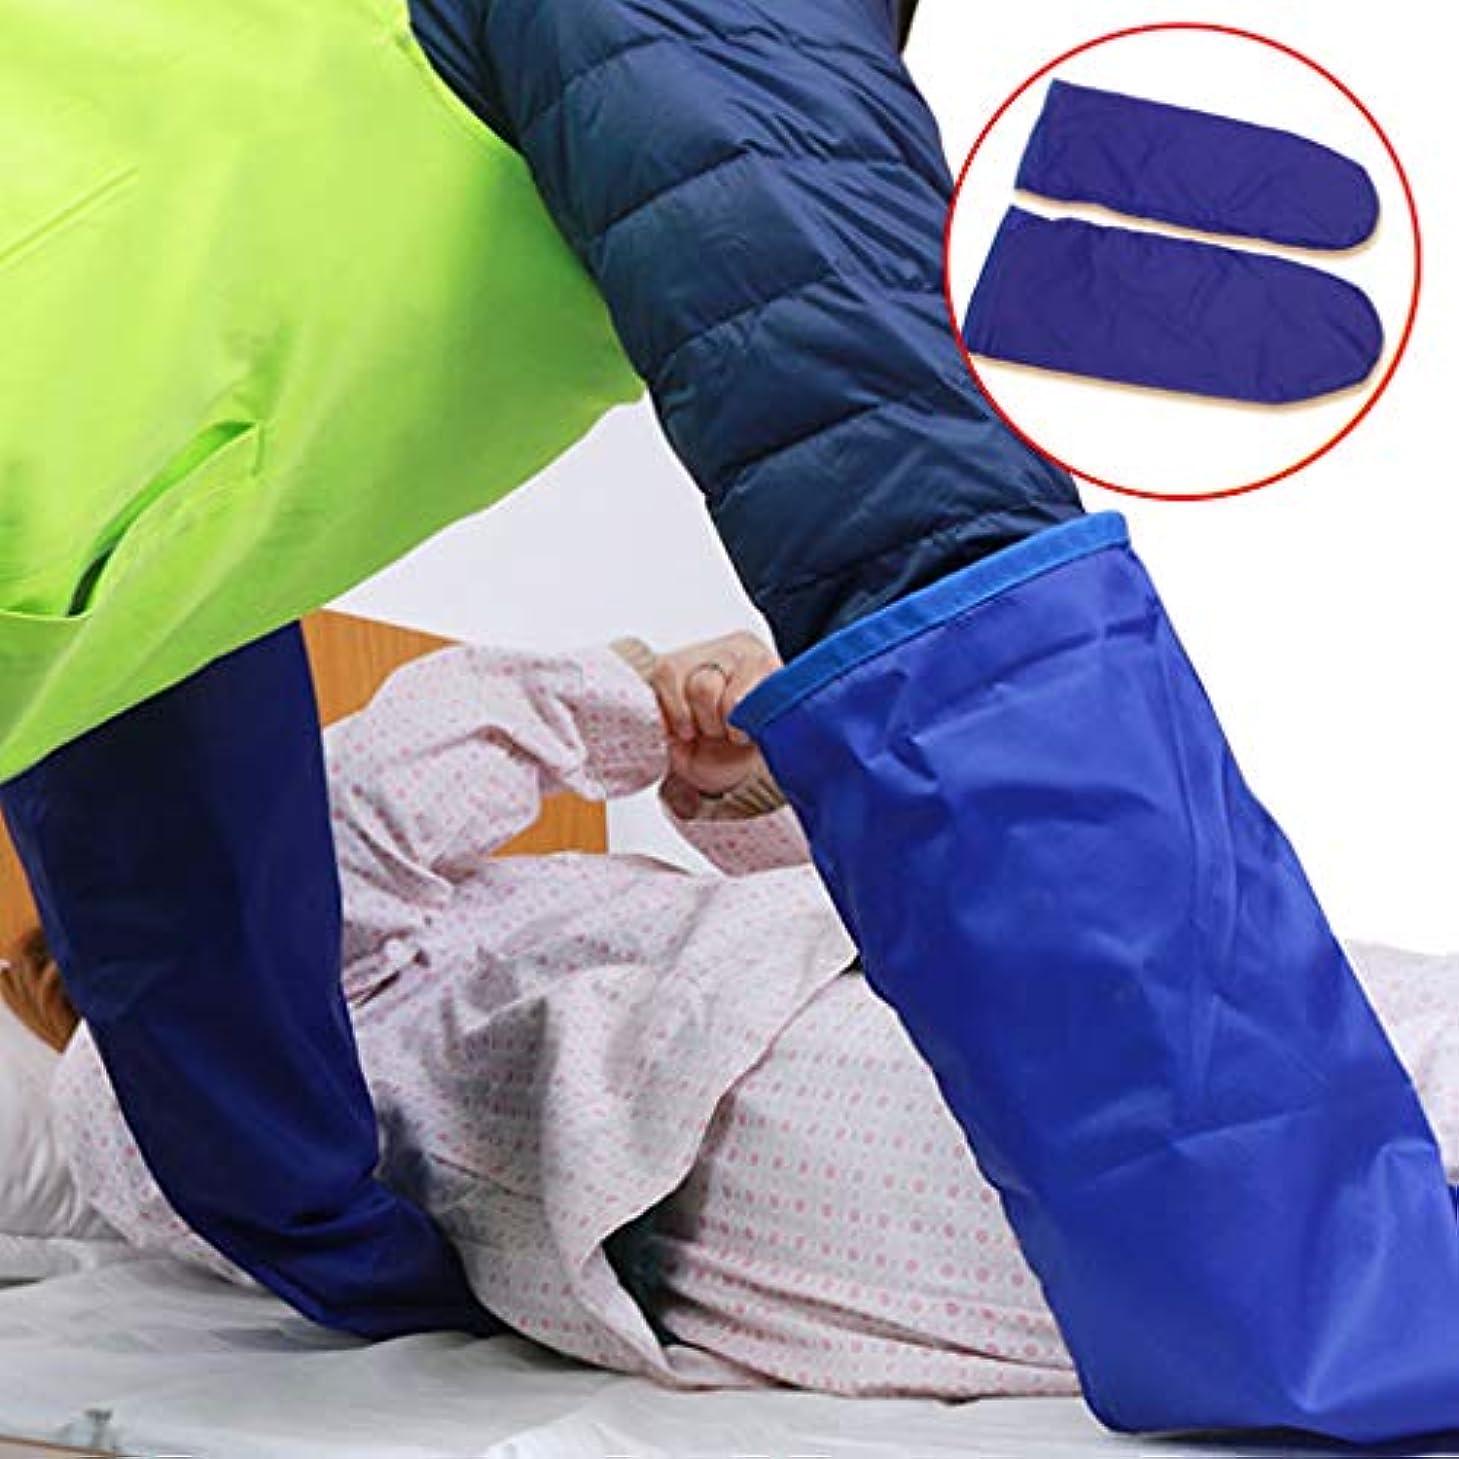 バラバラにするグラス好意寝たきり患者のための看護安全歩行補助装置、マッサージ減圧手袋、スリップ単層布,1pair